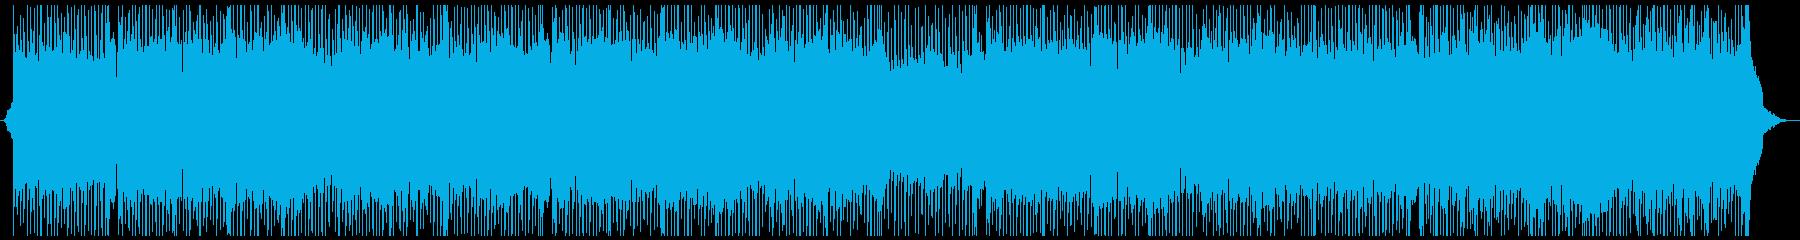 ティーン 人気のある電子機器 未来...の再生済みの波形